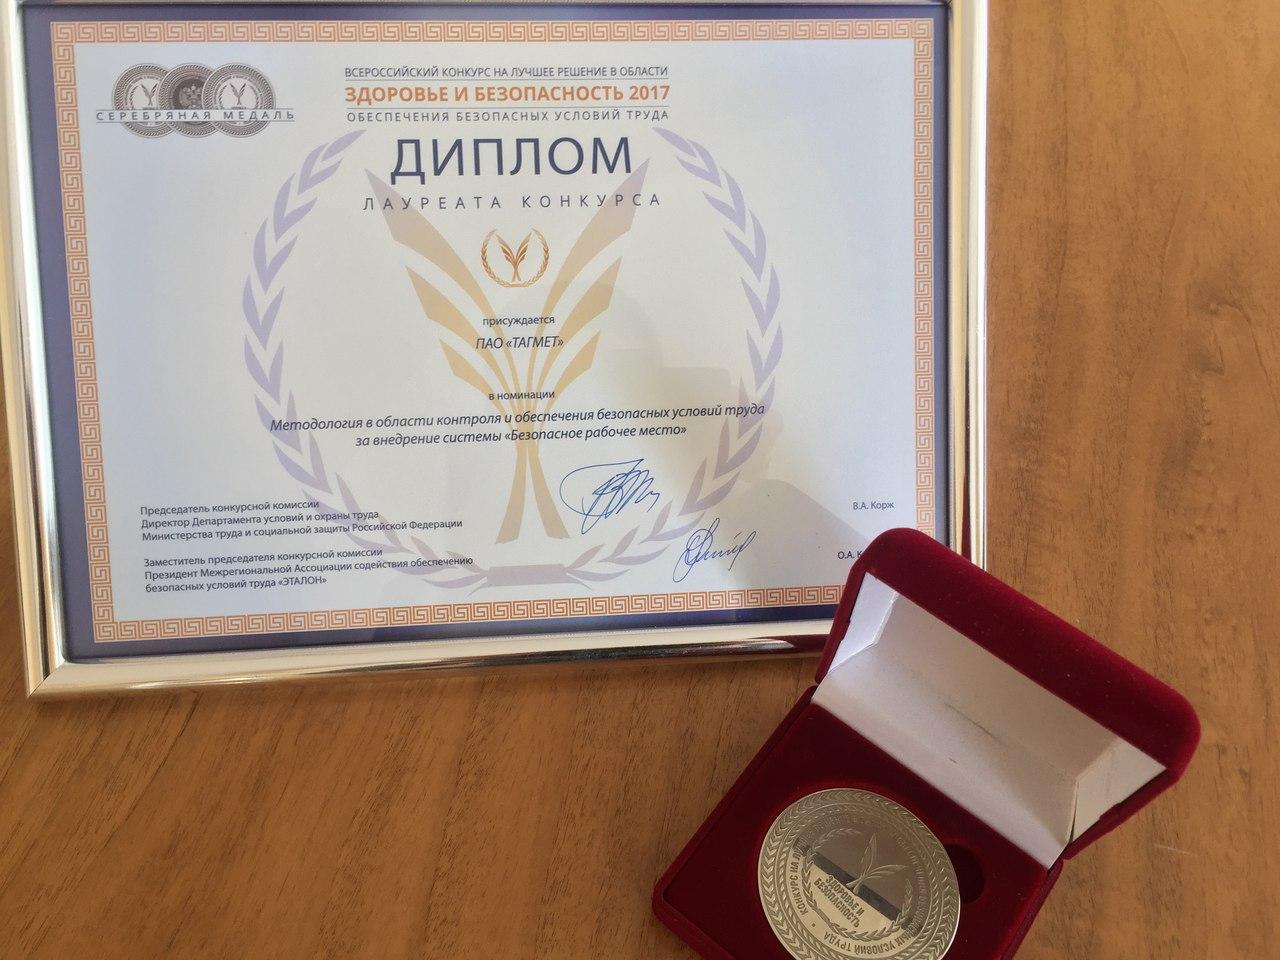 ТАГМЕТ удостоен награды Всероссийского конкурса «Здоровье и безопасность»